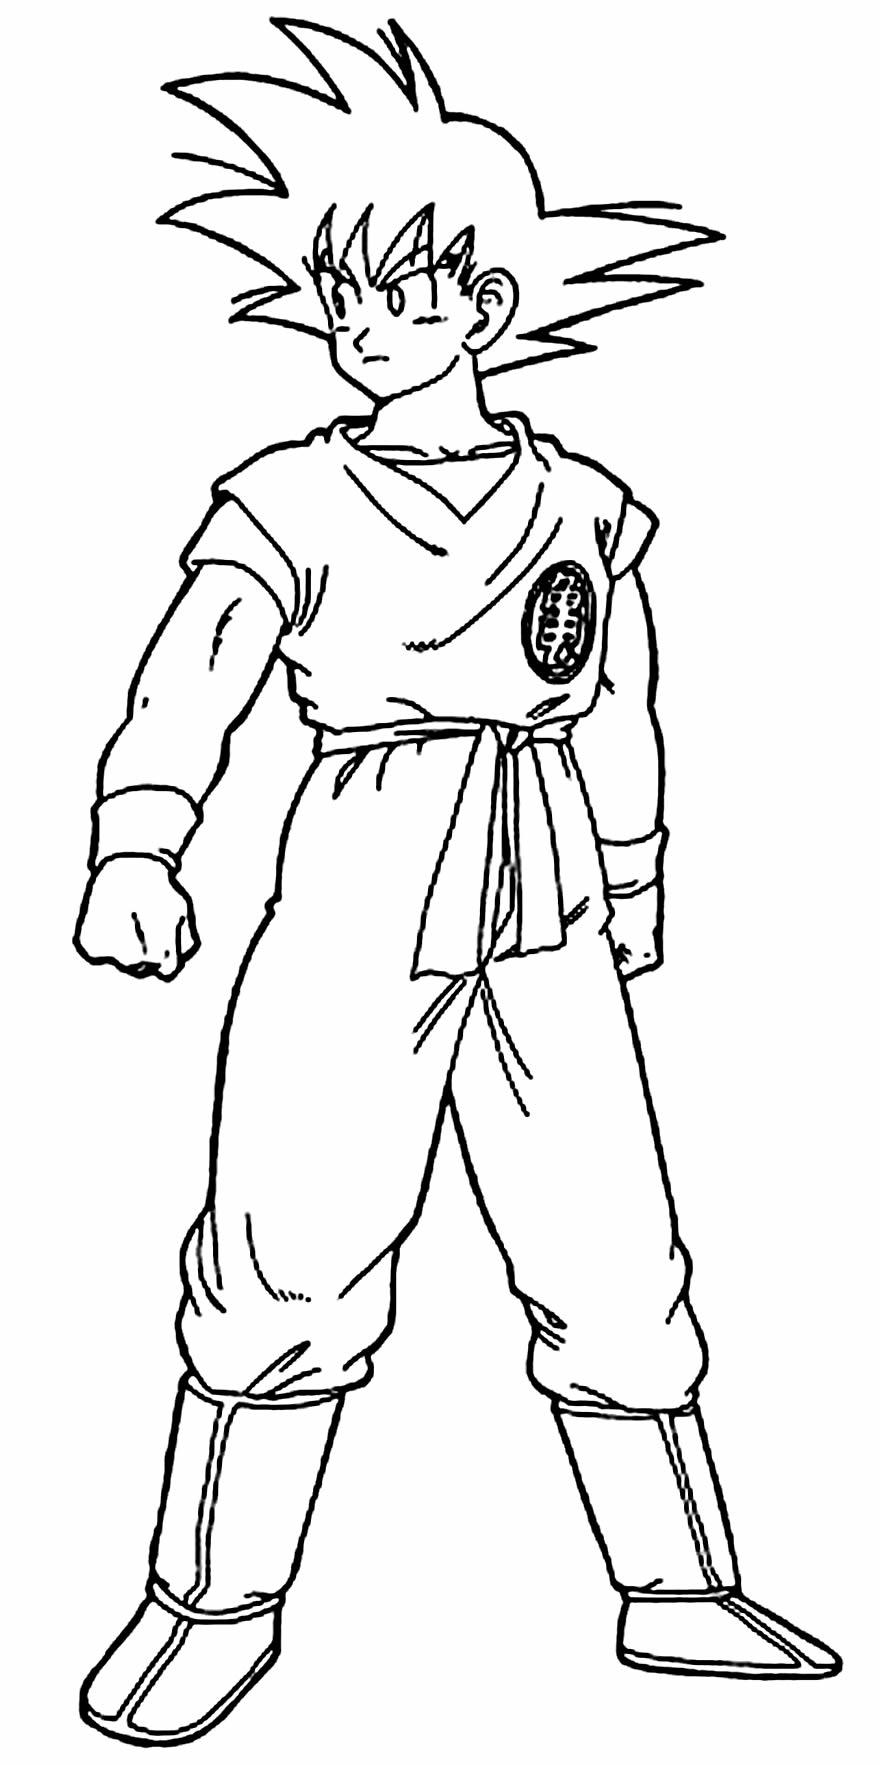 Paintable image of Goku